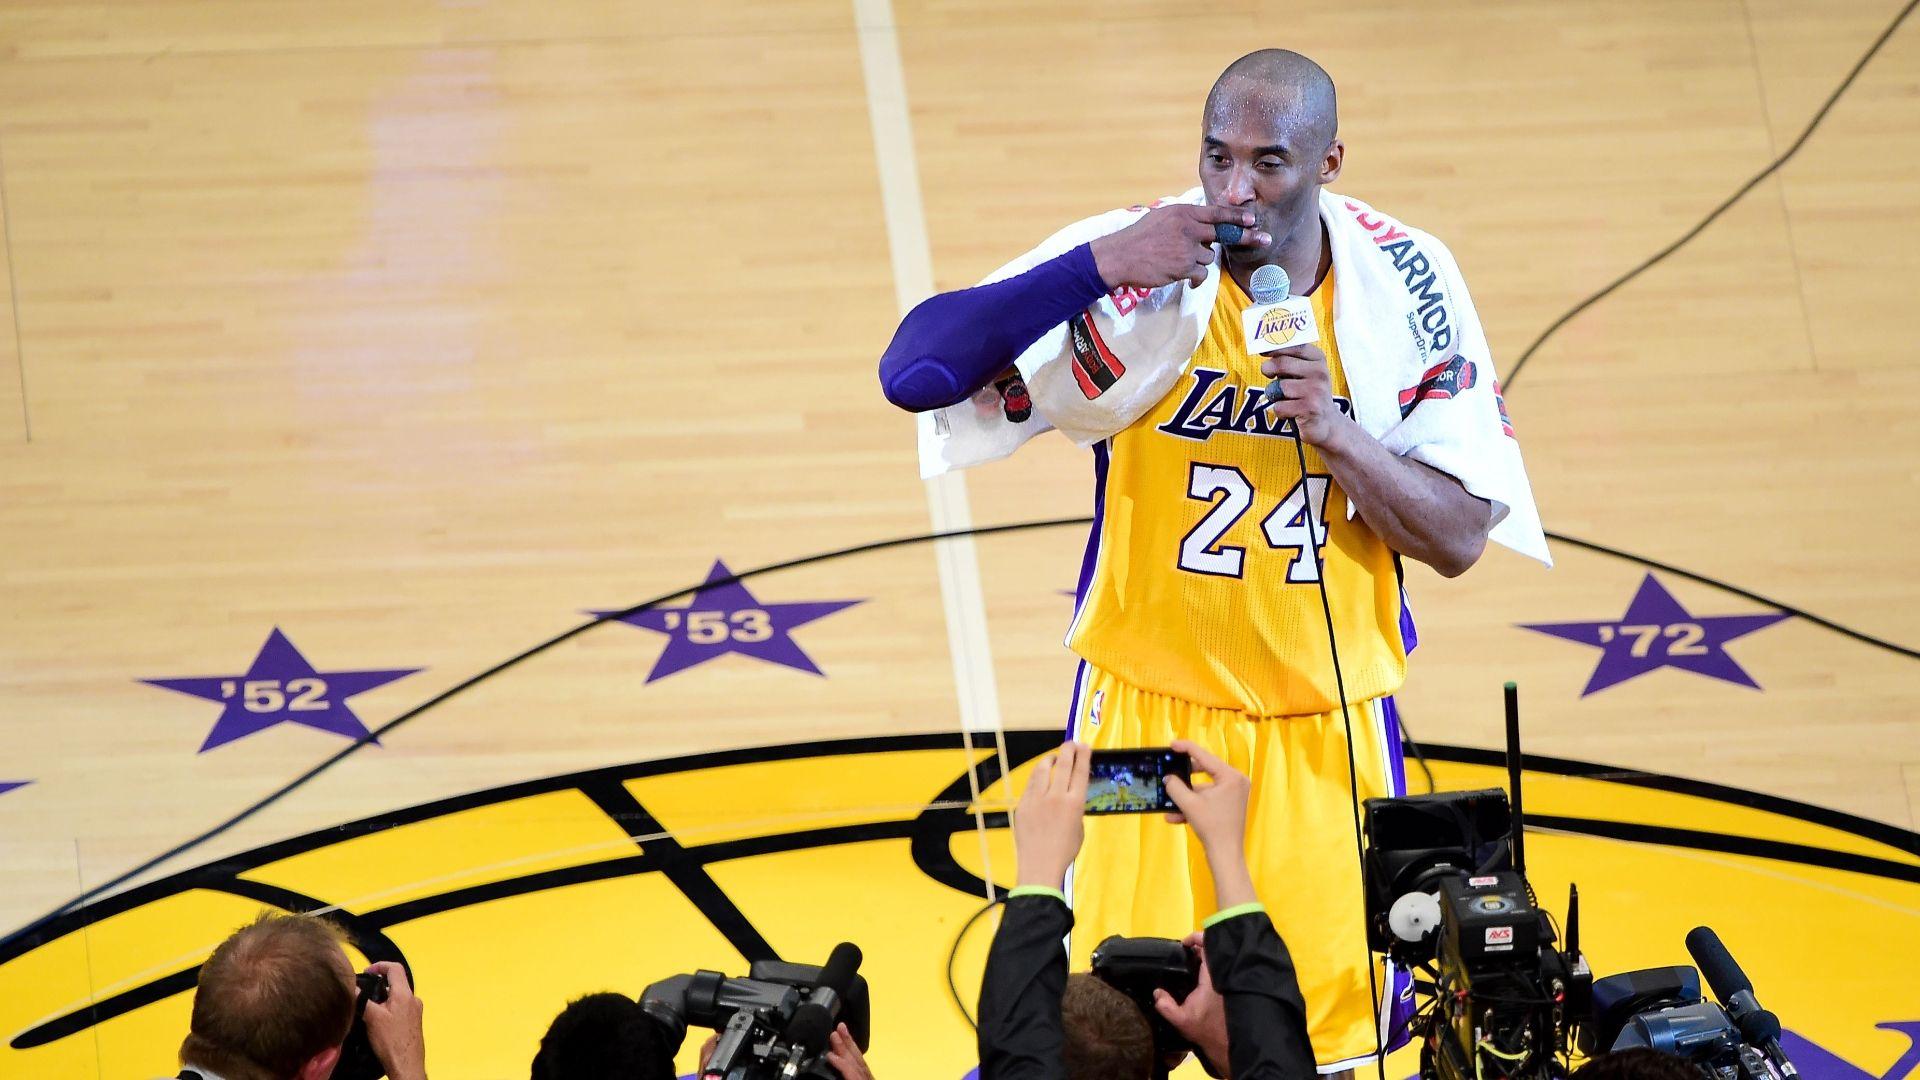 https://secure.espncdn.com/combiner/i?img=/media/motion/2017/0822/dm_170822_NBA_Kobe_legendary_Laker_career/dm_170822_NBA_Kobe_legendary_Laker_career.jpg